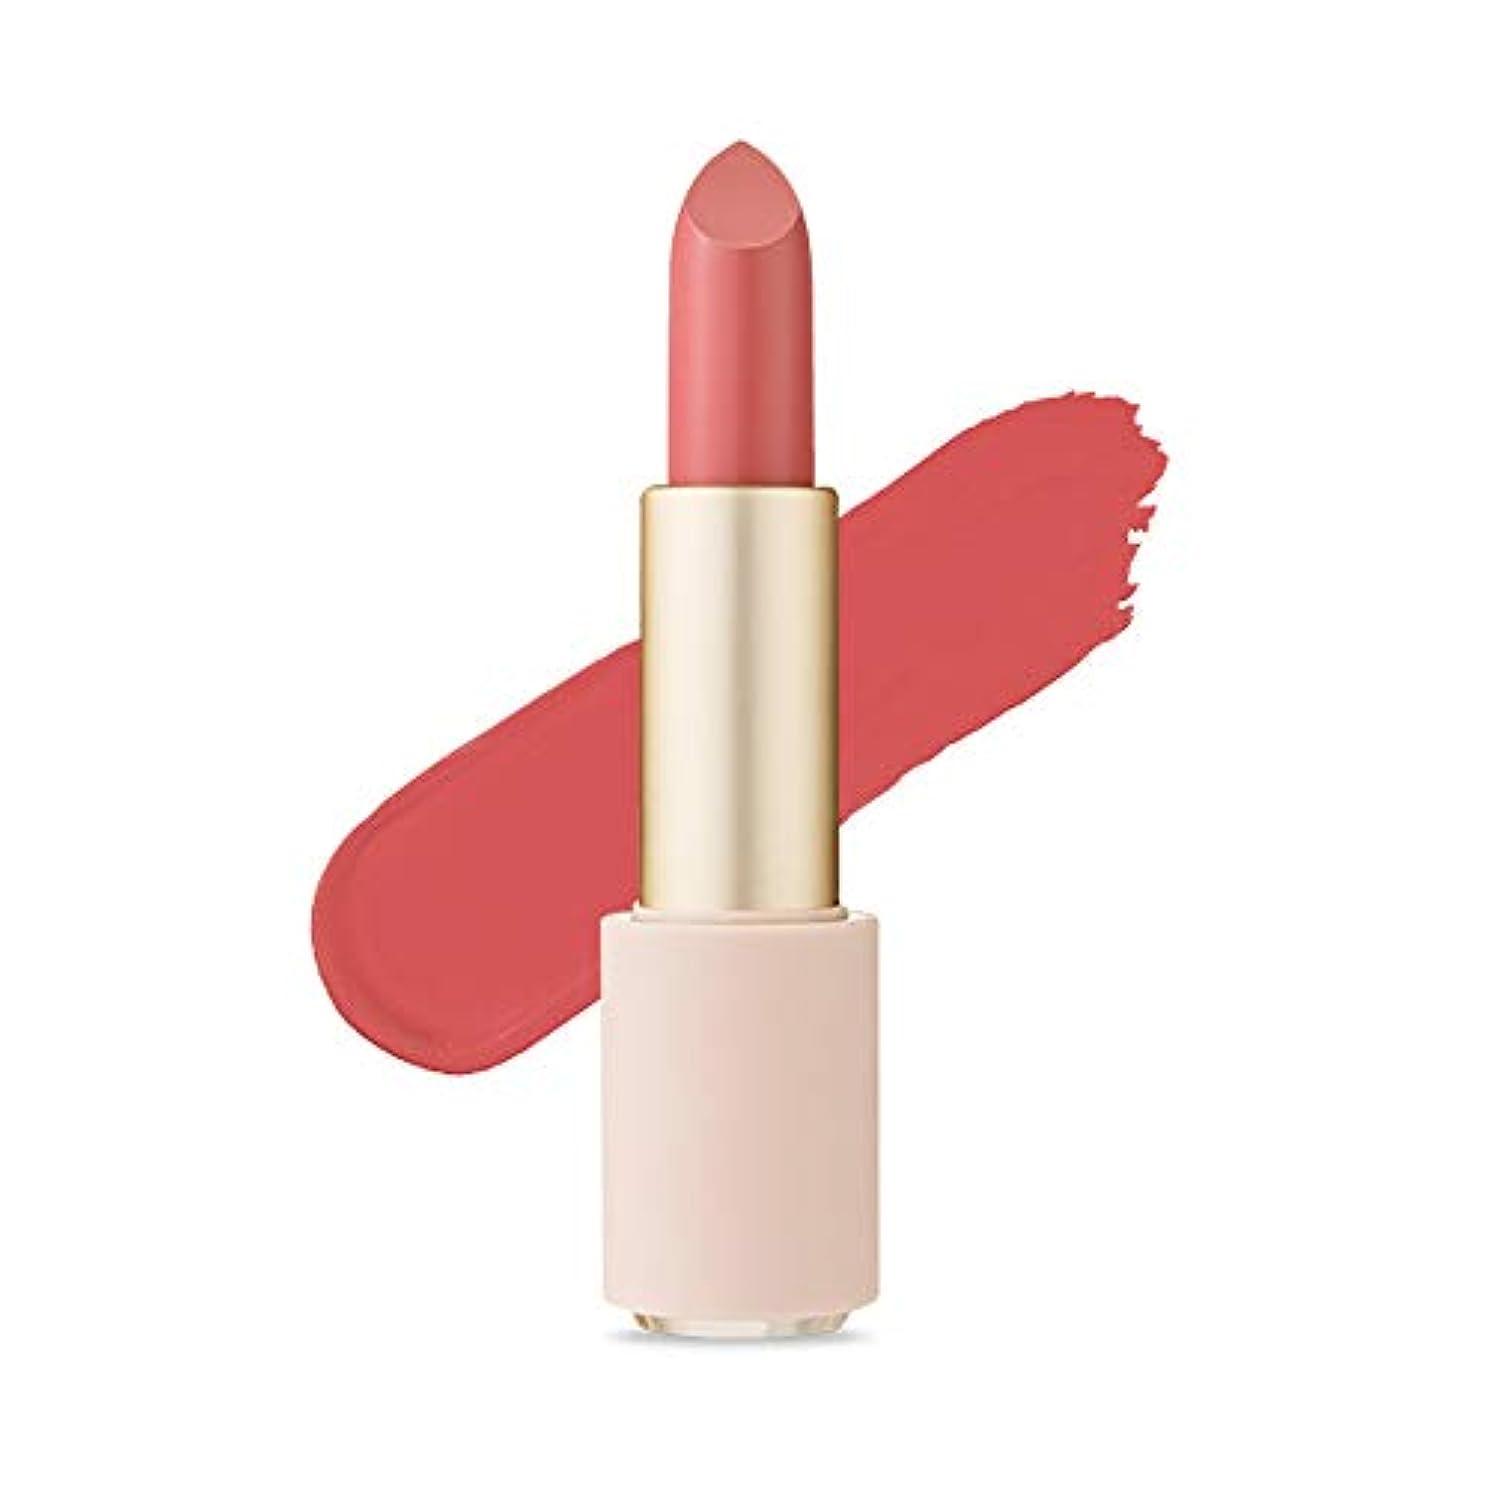 平手打ち伝染性の列車Etude House Better Lips Talk Velvet エチュードハウス ベター リップス - トーク ベルベット (# PK002 Mink Pink) [並行輸入品]